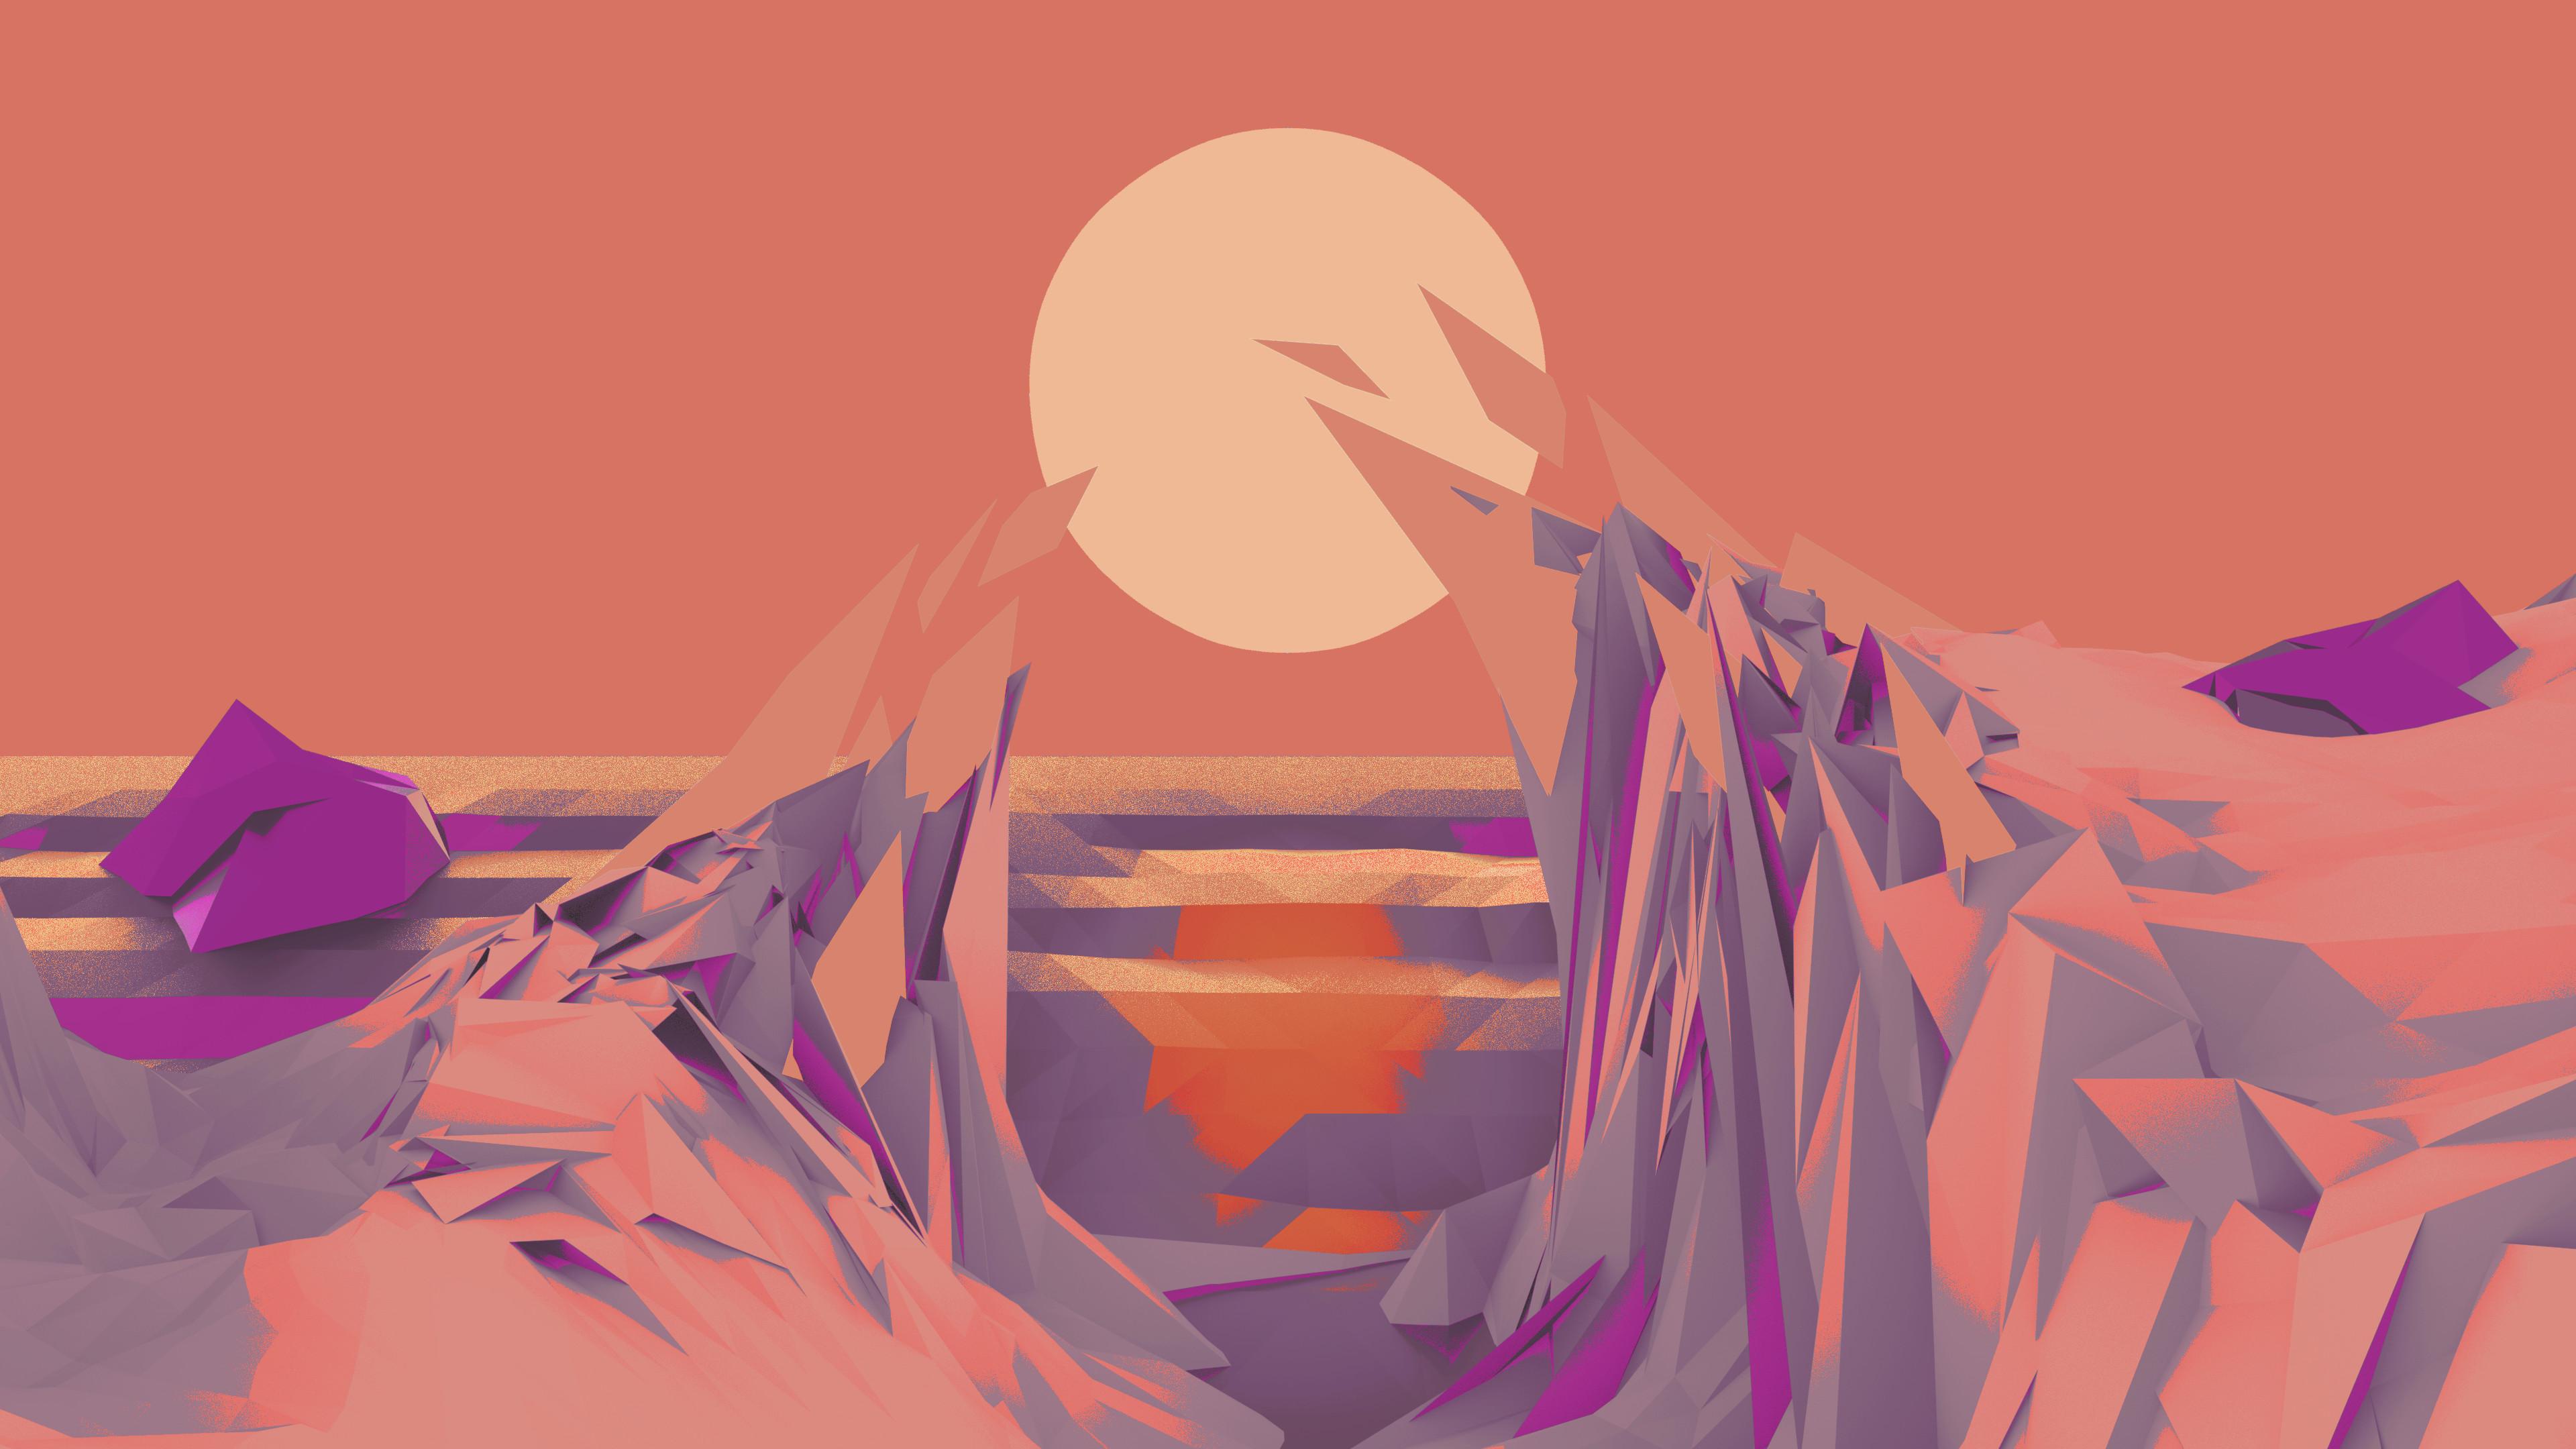 … Low Poly Wallpaper (Orange/Purple) by Bluhurr